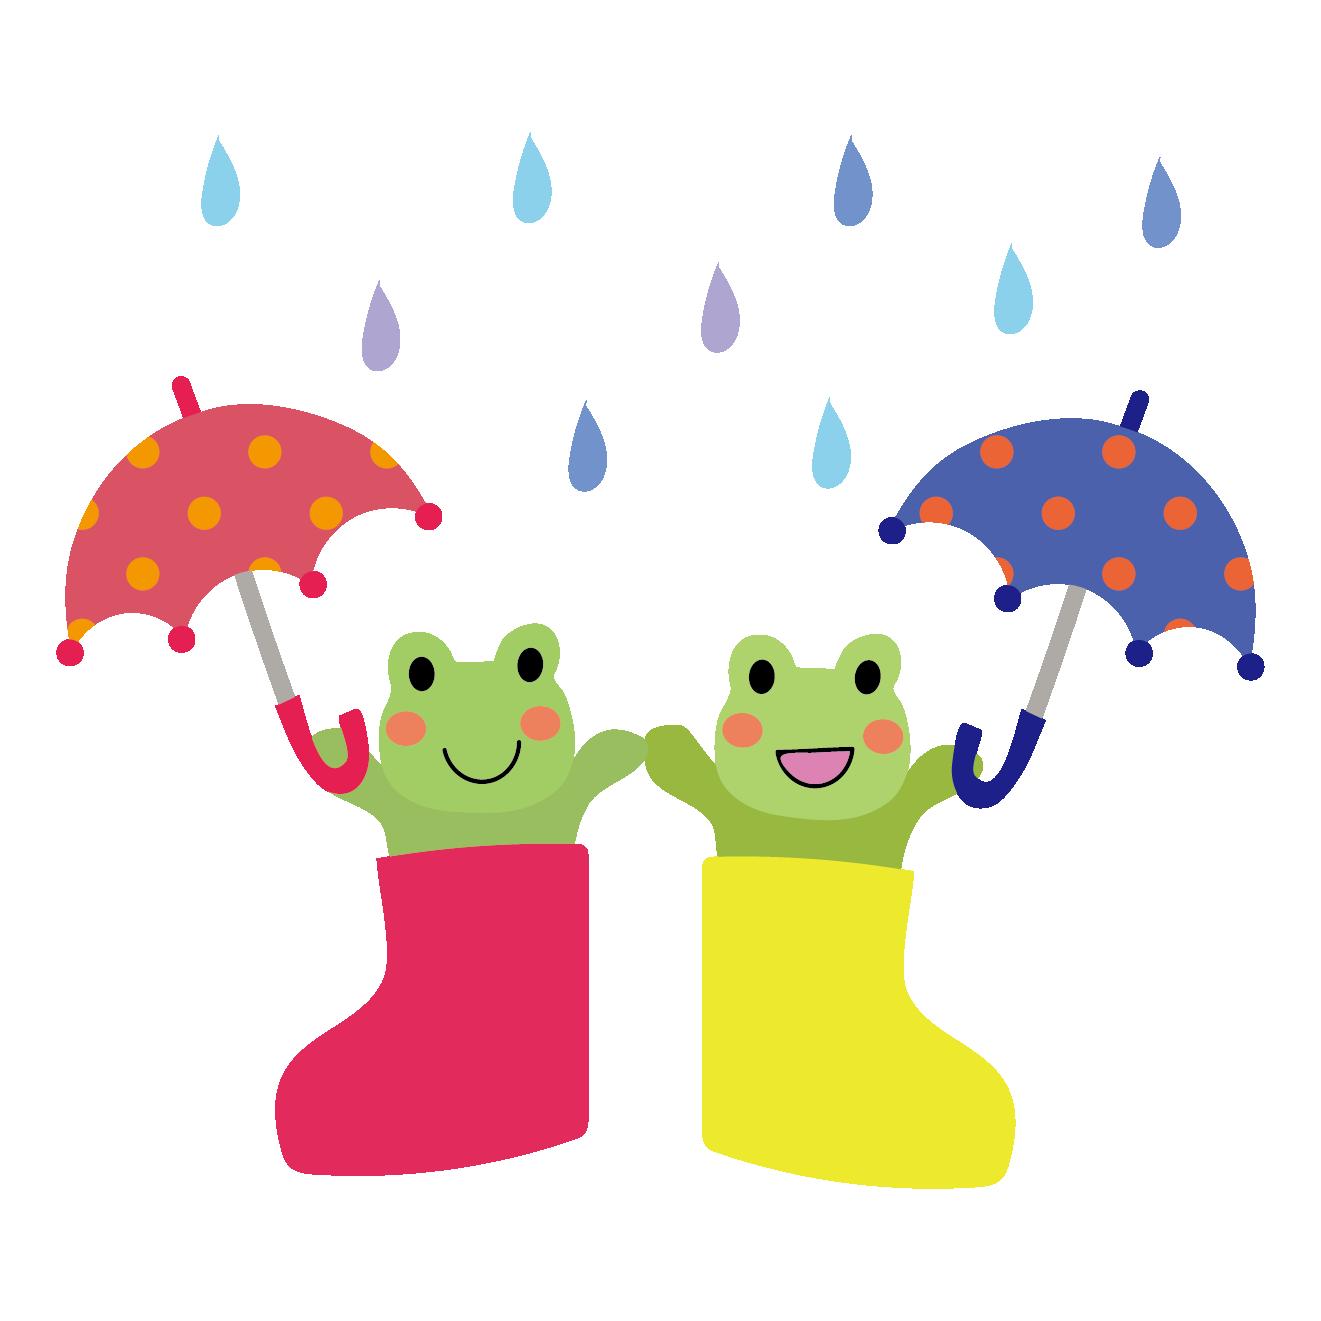 かわいい♪長靴に入ったカエル(蛙)のイラスト【梅雨】